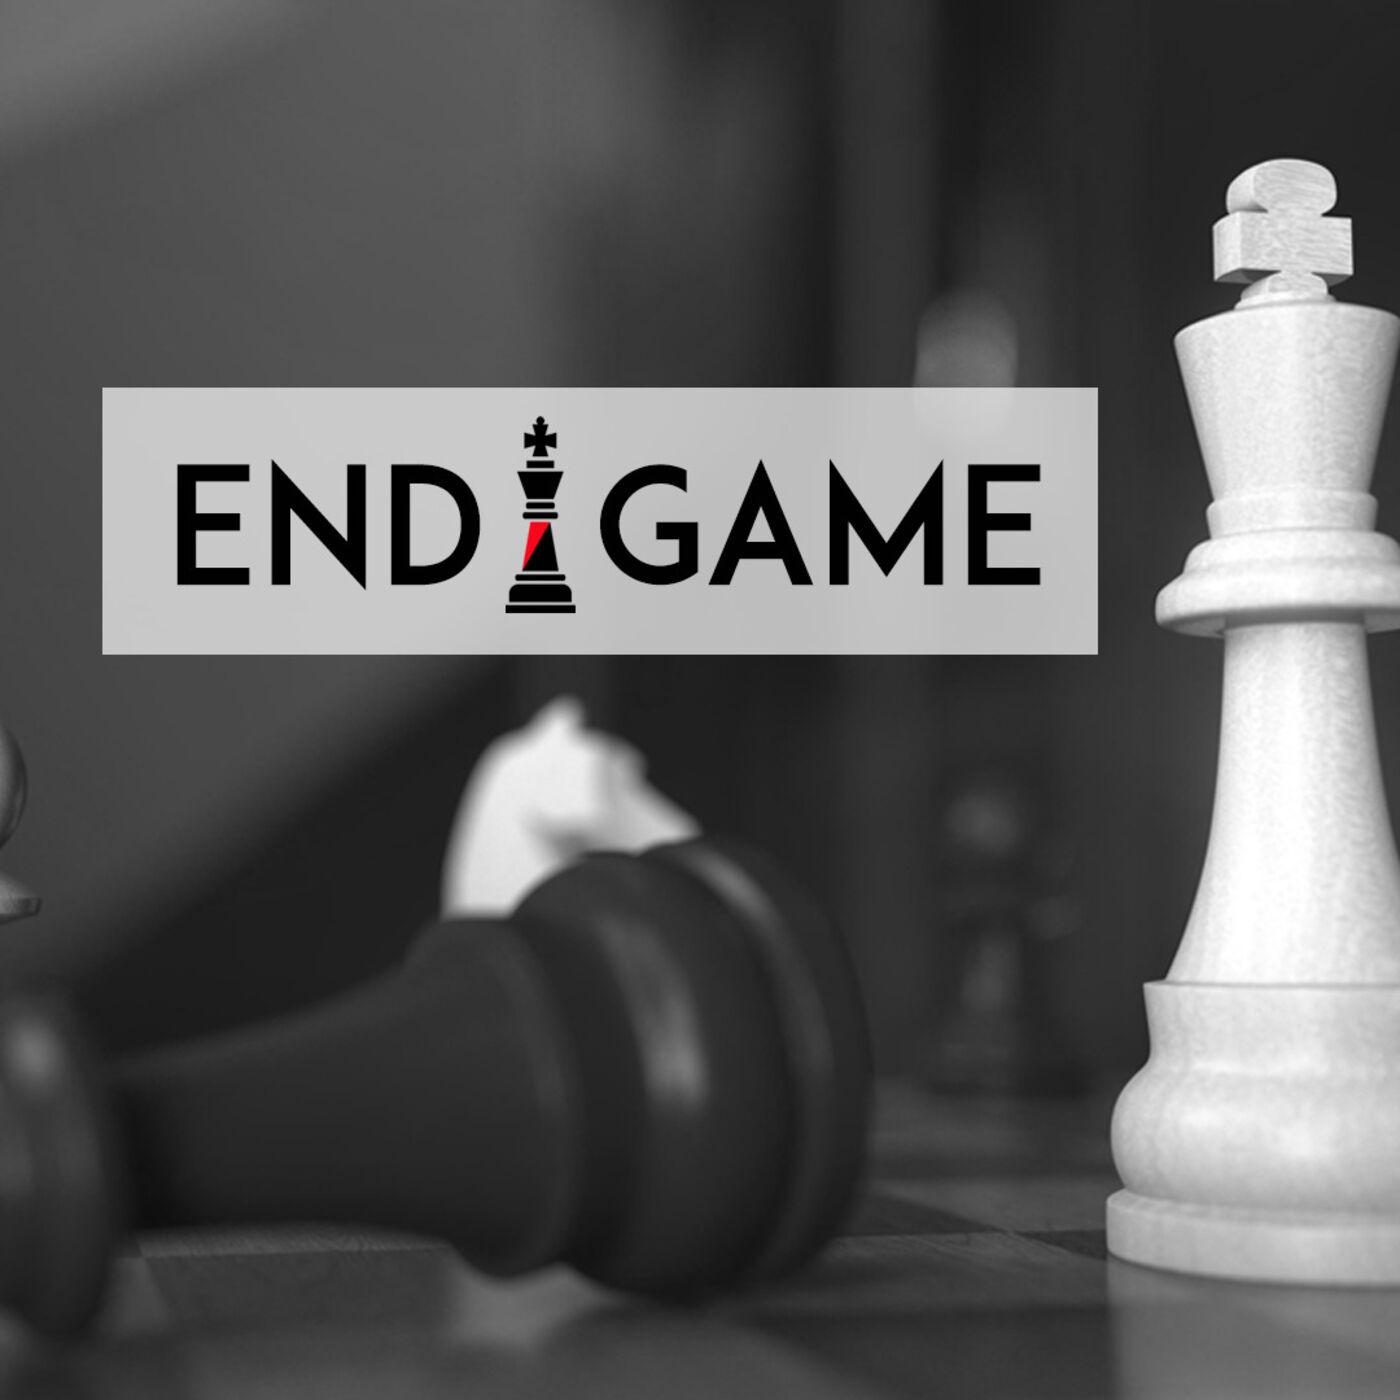 Endgame - Week 5